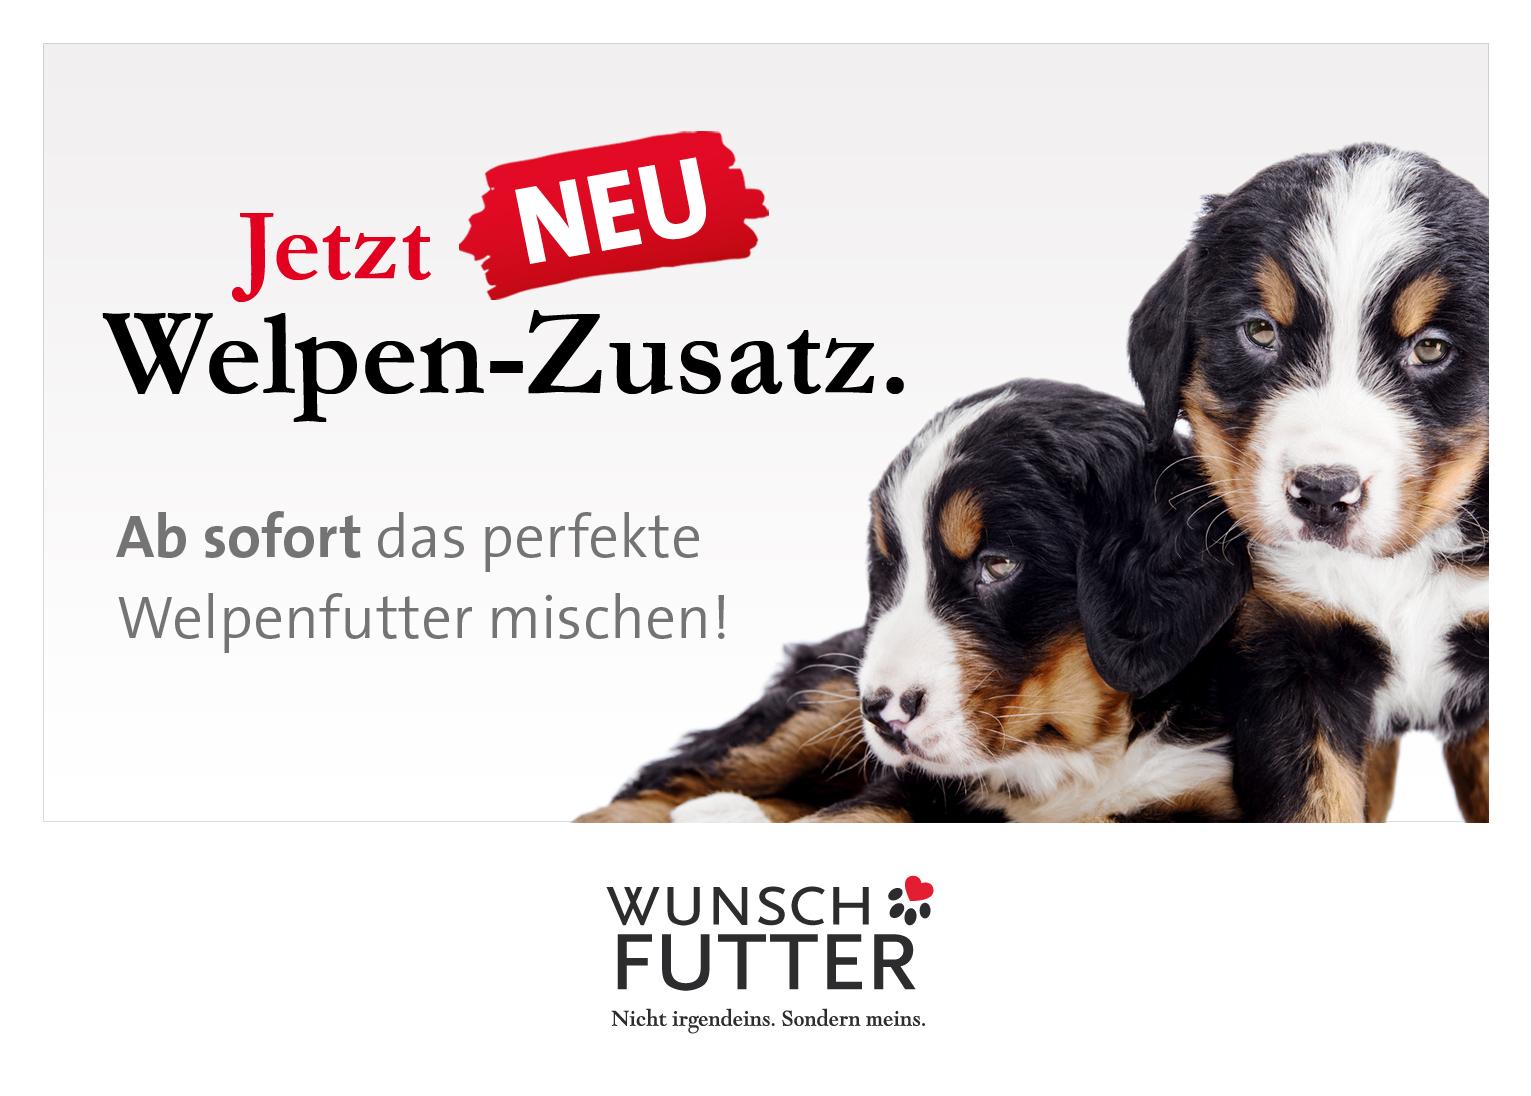 wf-fb_header_welpenzusatz-NEU_02-012016_RZ